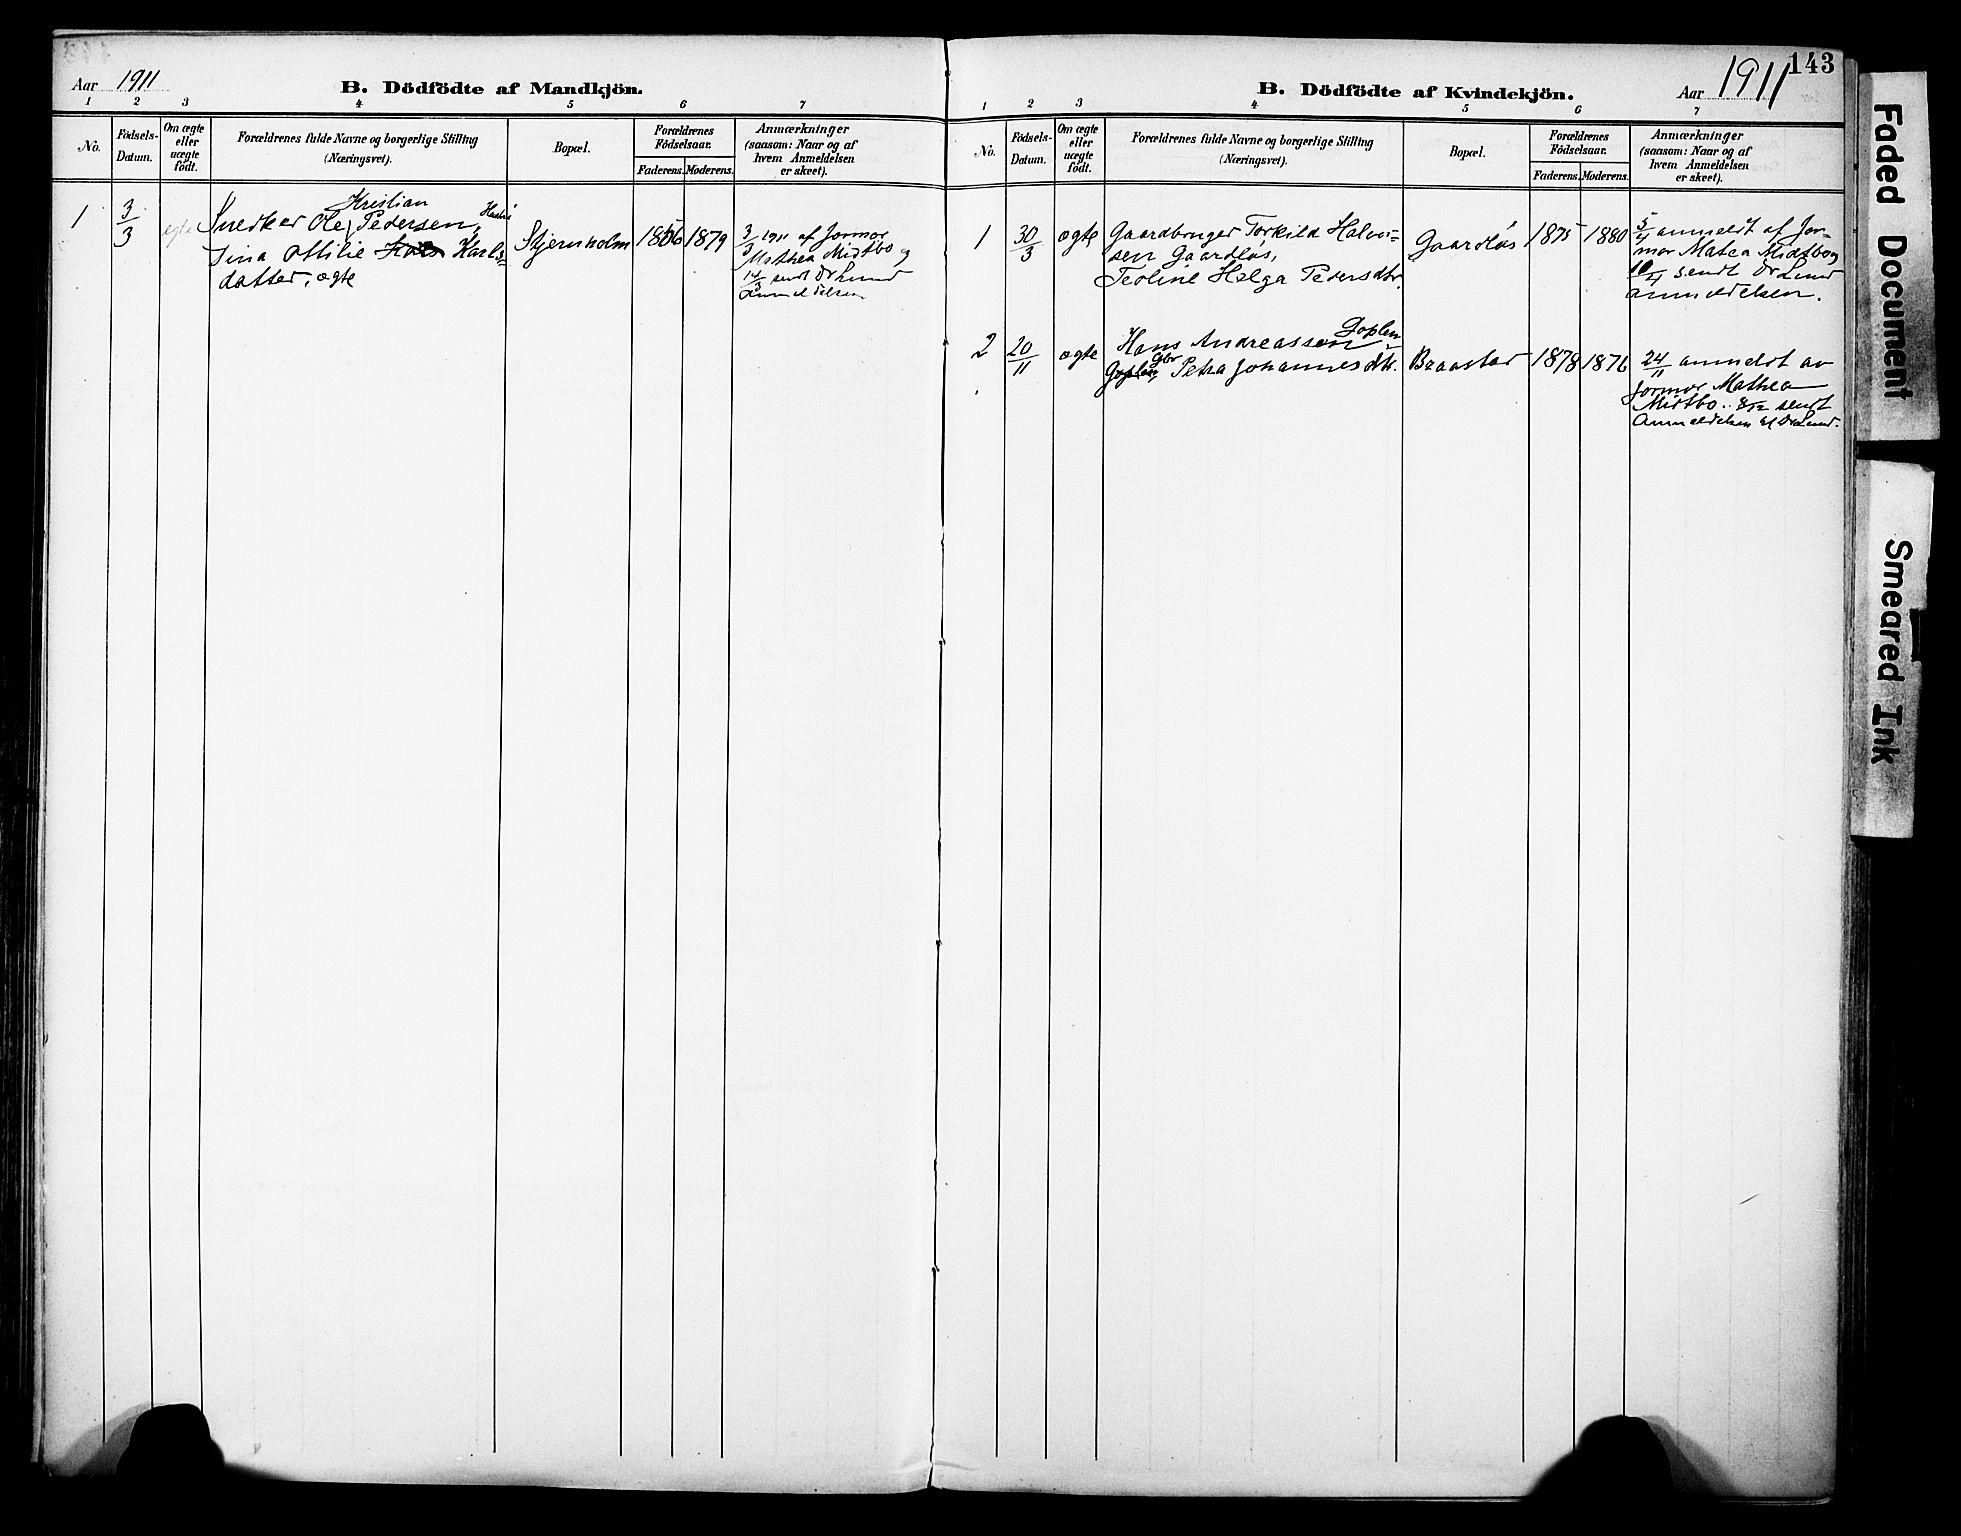 SAH, Vestre Toten prestekontor, Ministerialbok nr. 13, 1895-1911, s. 143